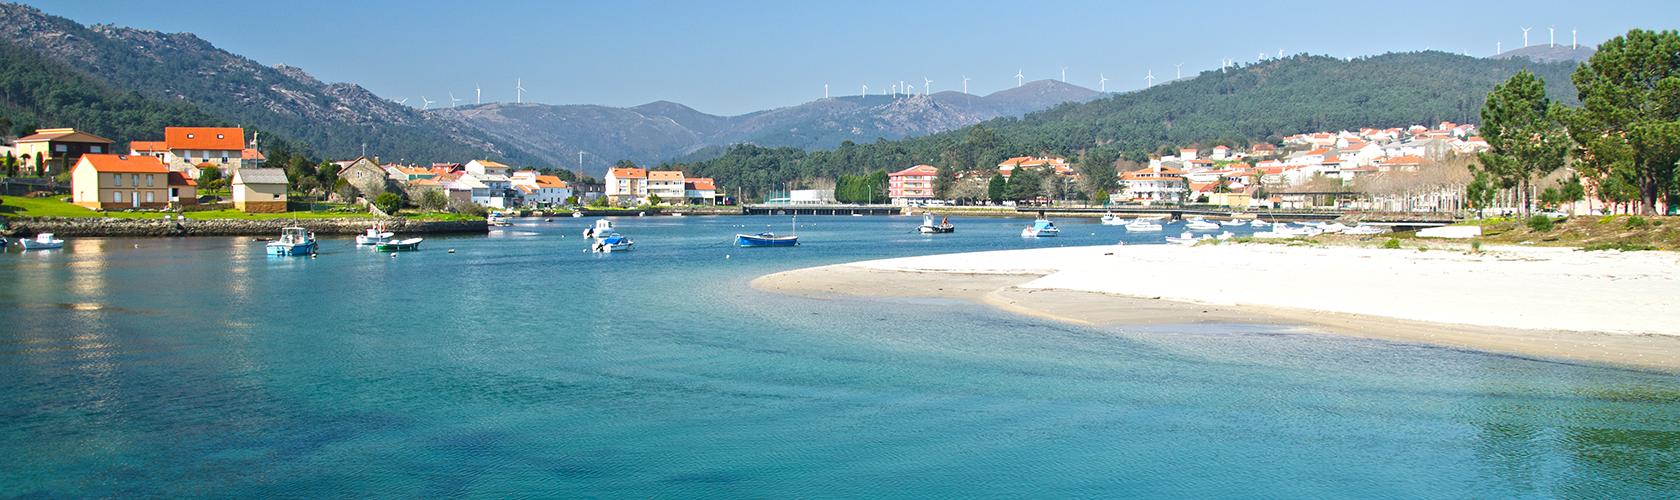 playa-seccion-gallega